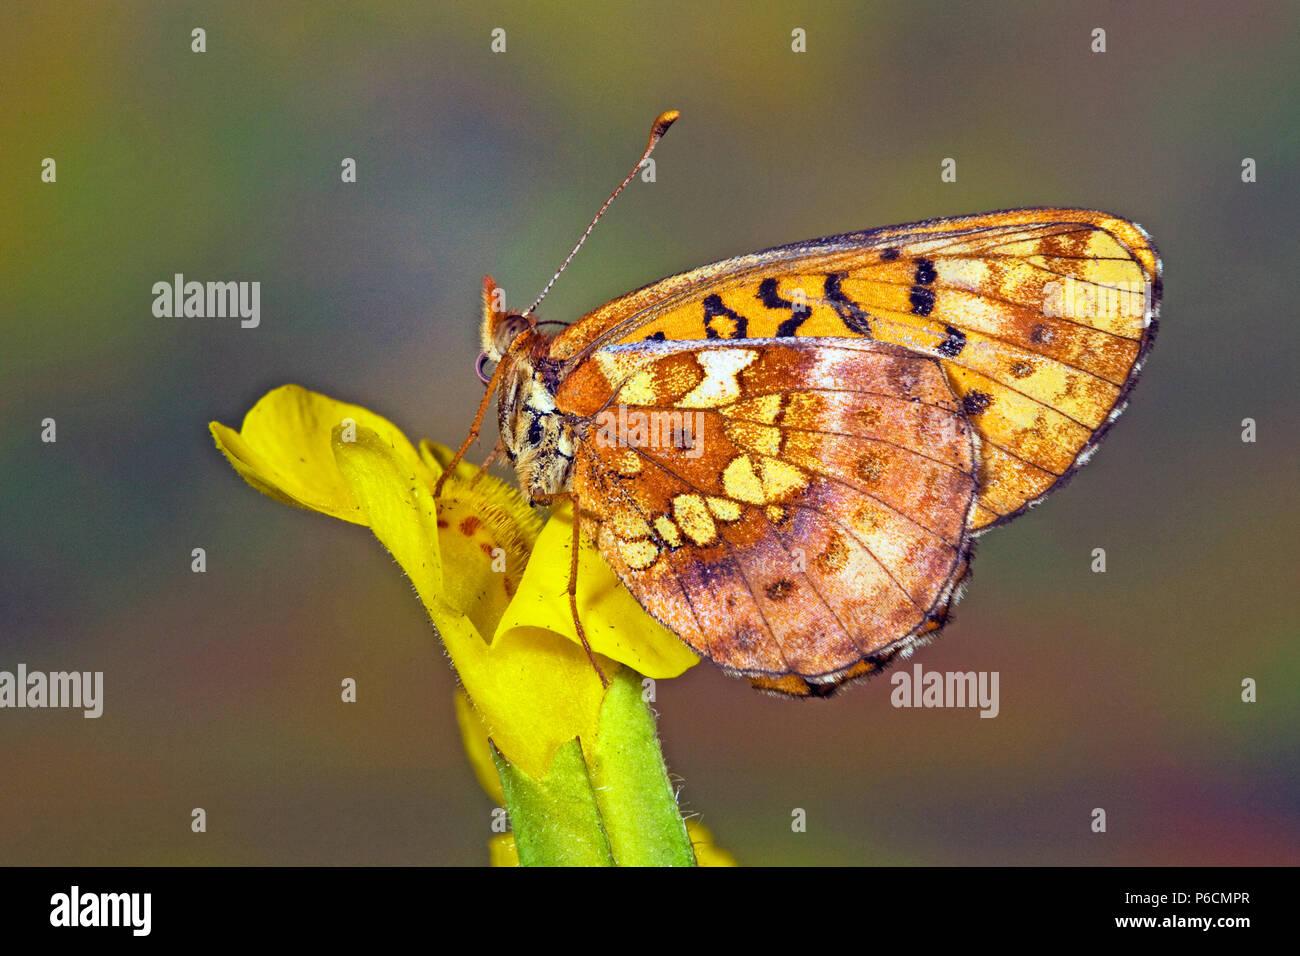 Vue ventrale d'une prairie de l'ouest, papillon fritilllary Boloria epithore, le long de la rivière d'automne dans les montagnes Cascades du centre de l'Oregon. Banque D'Images